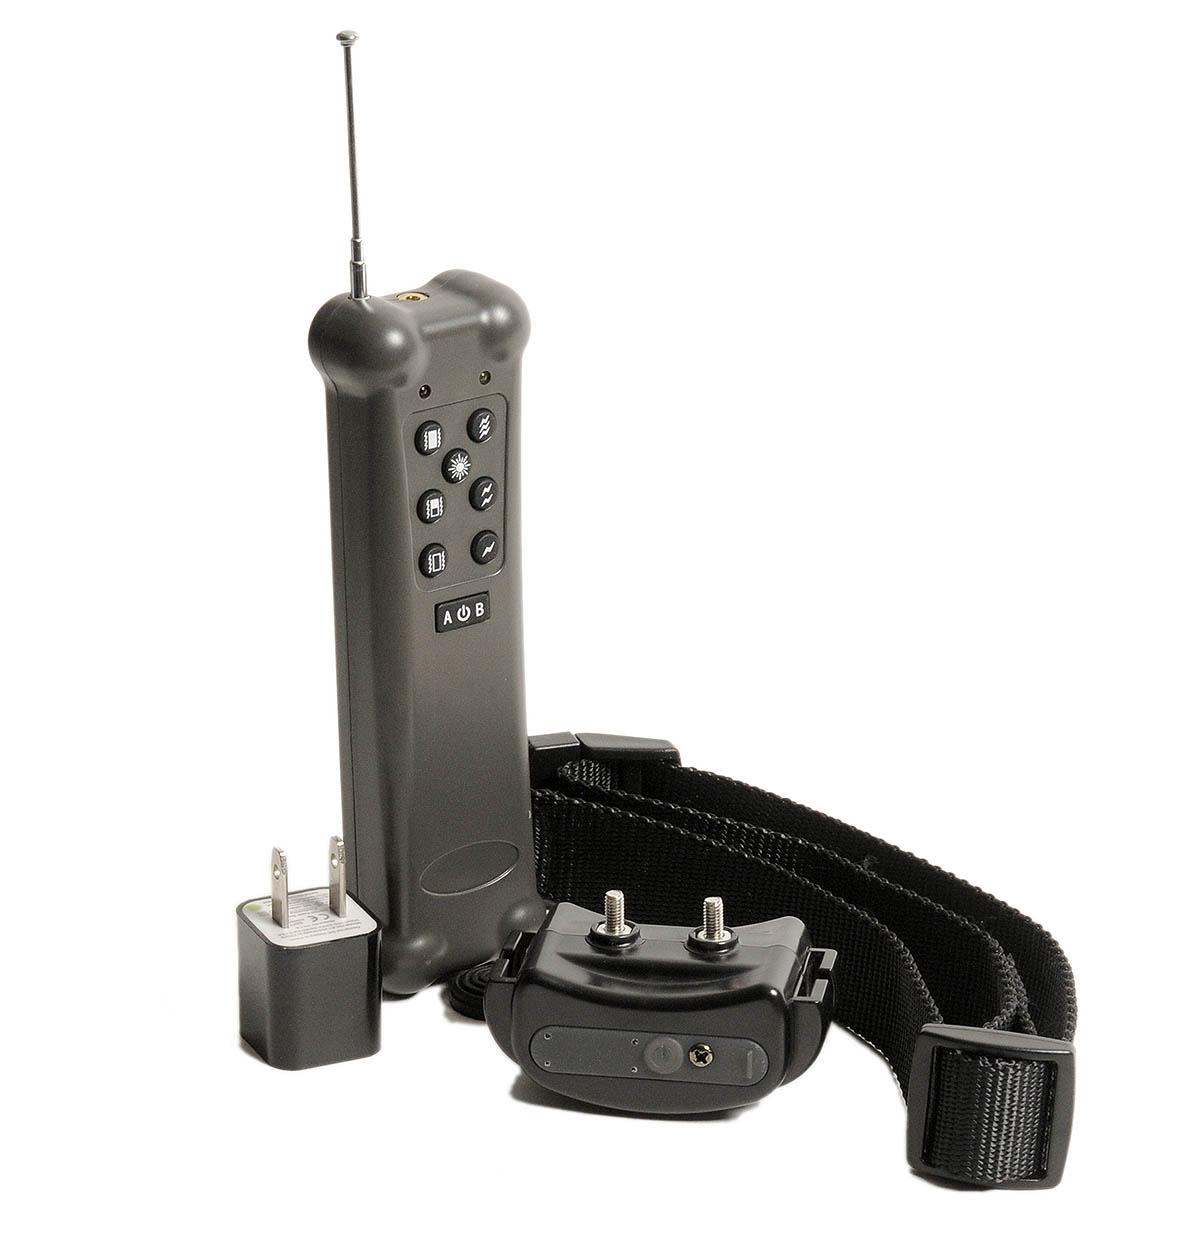 TechOrbits PRO318 Remote Dog Training Shock Vibration Collar